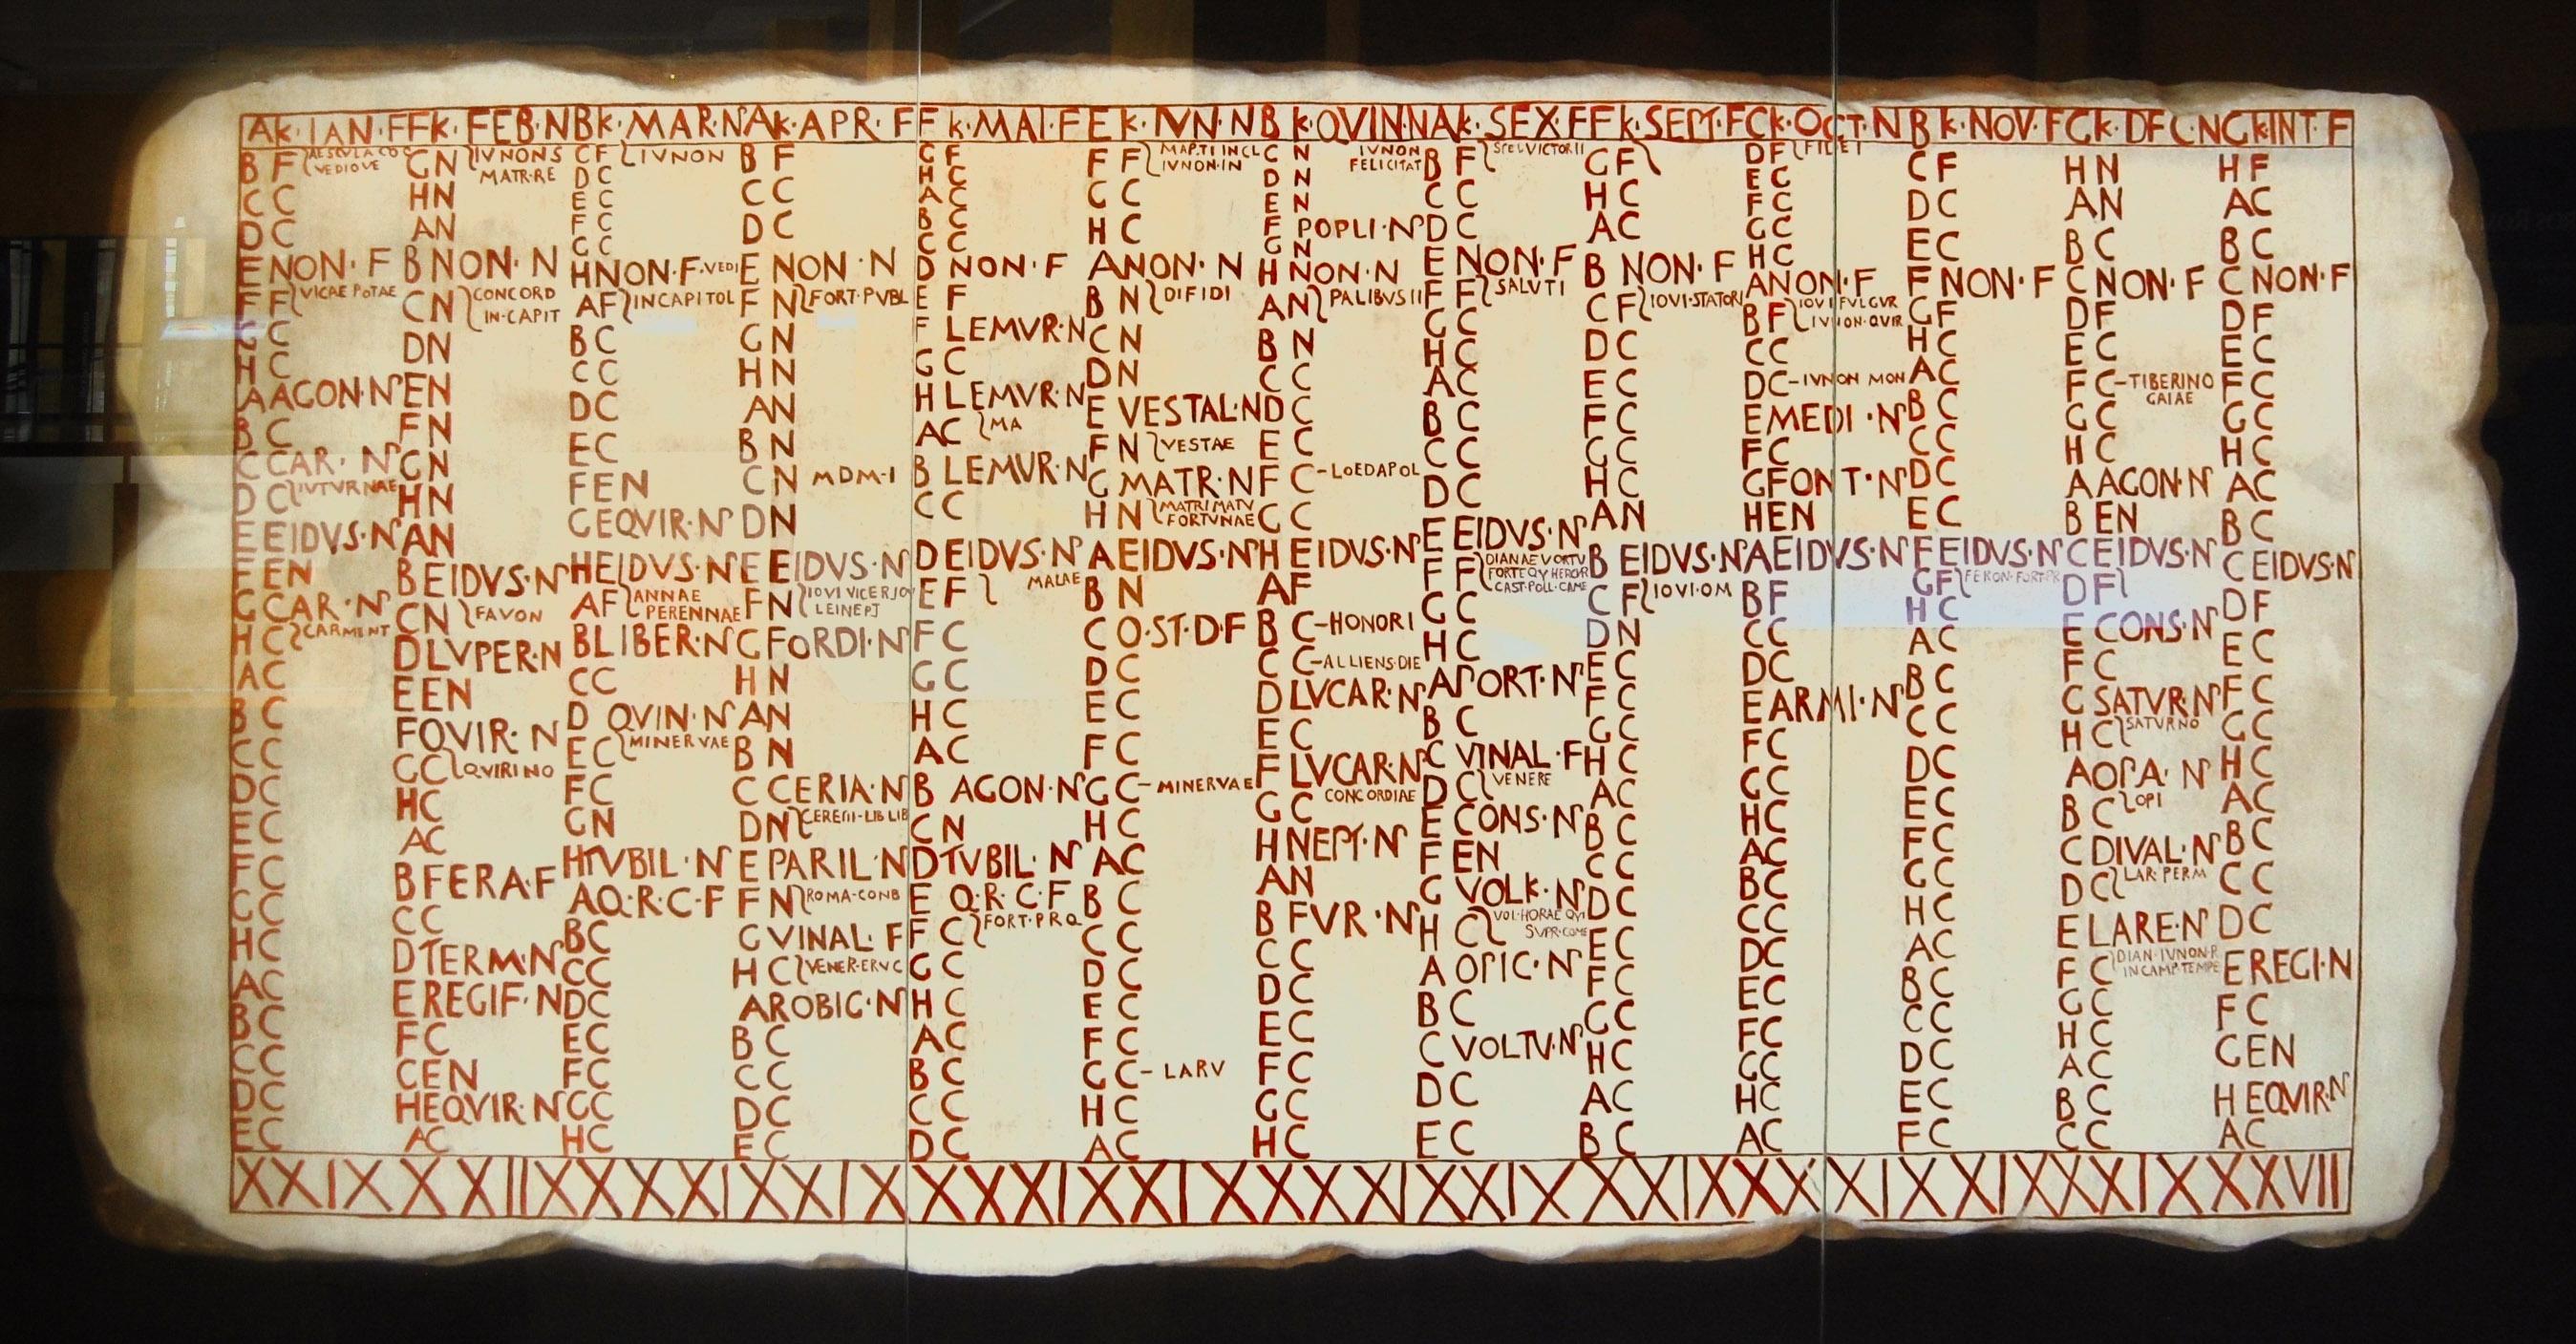 Calendario Romano.File Museo Del Teatro Romano De Caesaraugusta 43 Jpg Wikimedia Commons